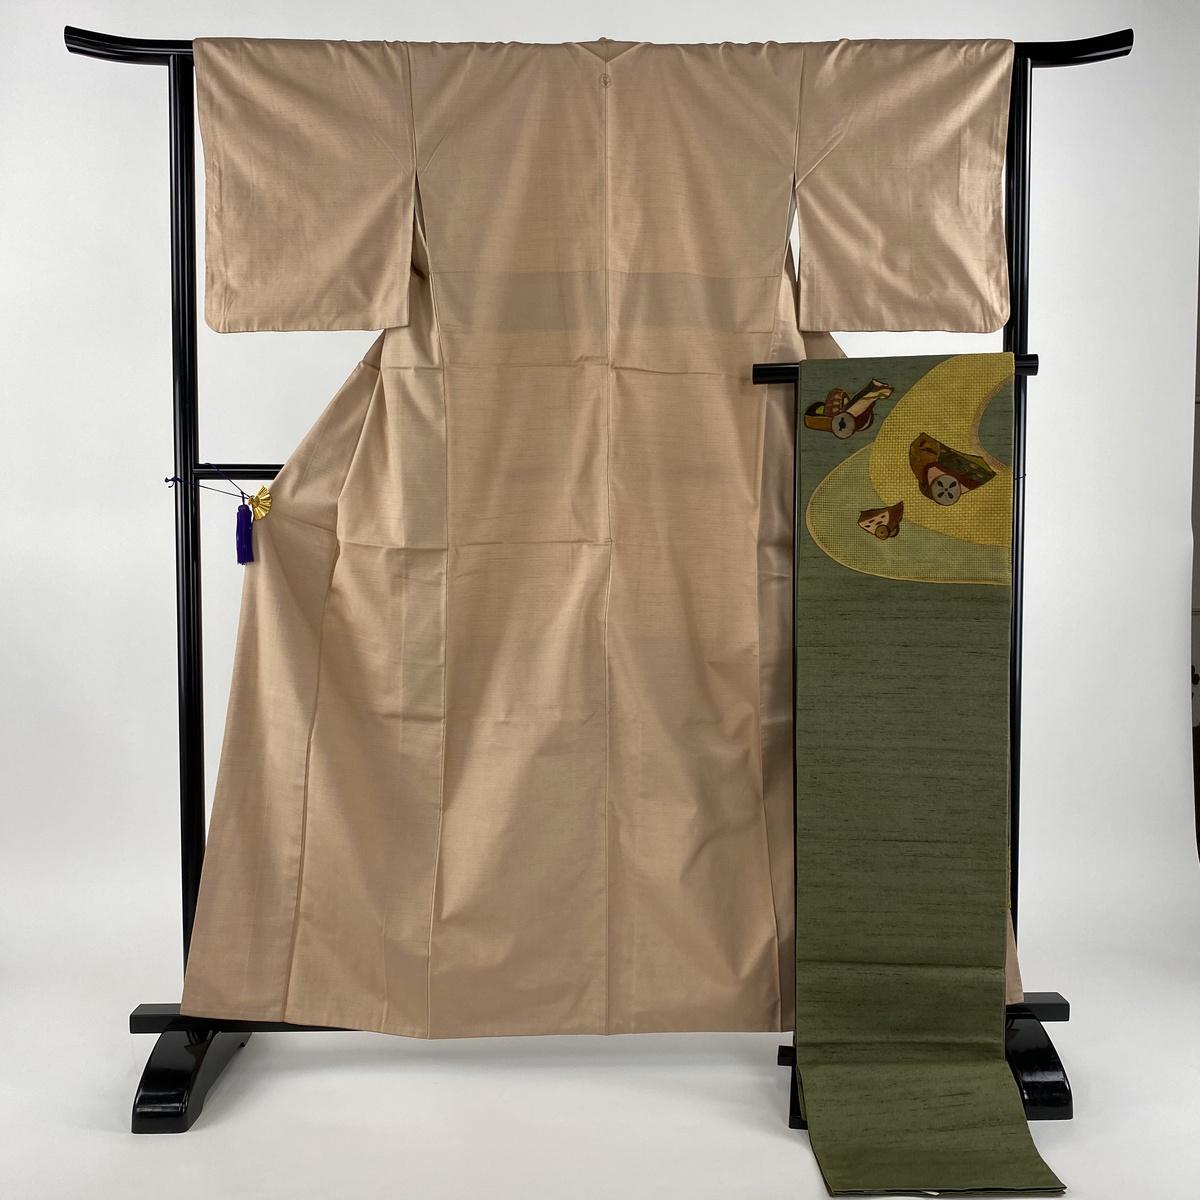 紬 美品 秀品 袋帯セット 一つ紋 無地 ピンク 袷 身丈160cm 裄丈64cm M 正絹 【中古】